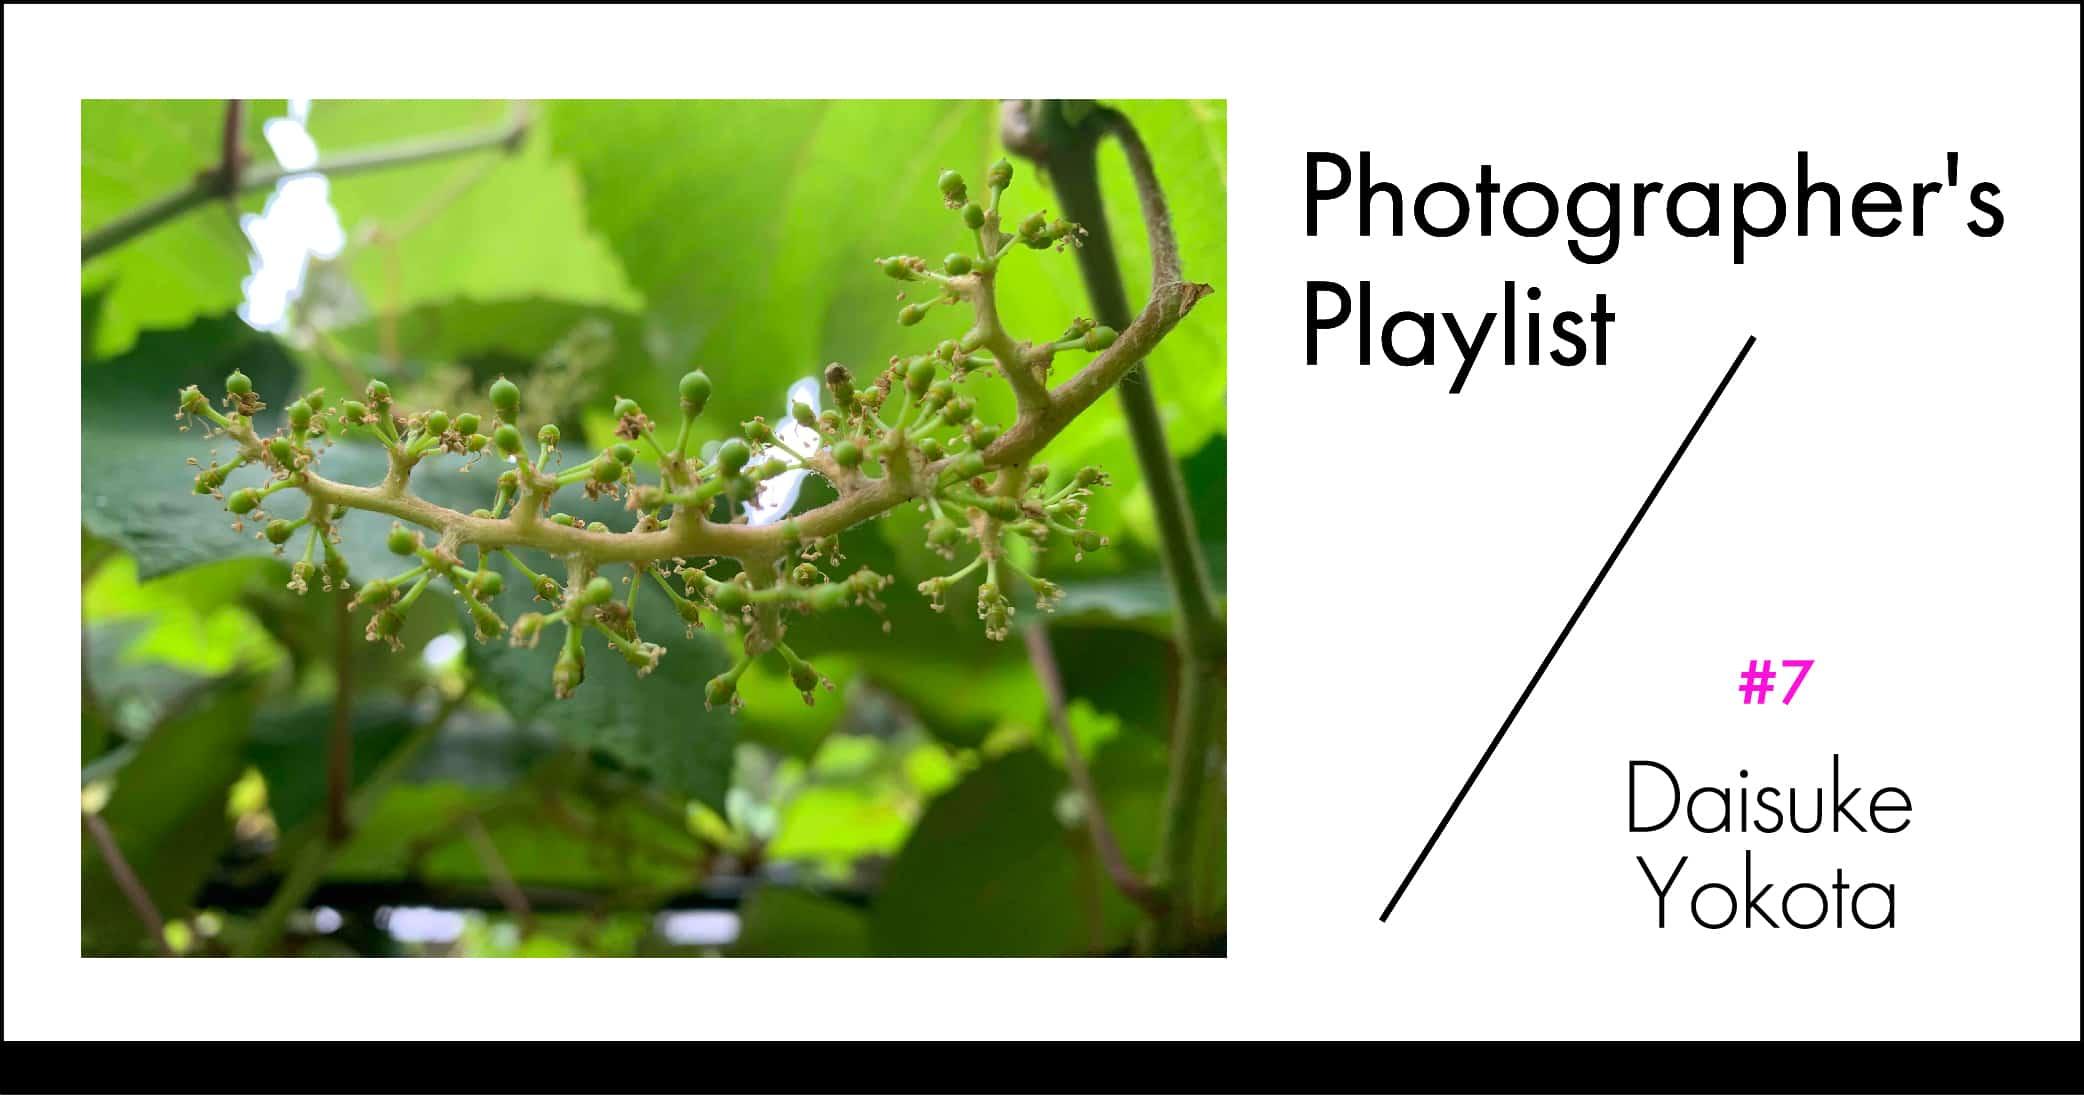 写真家のプレイリスト#7 横田大輔 | 写真家のプレイリスト#7 横田大輔